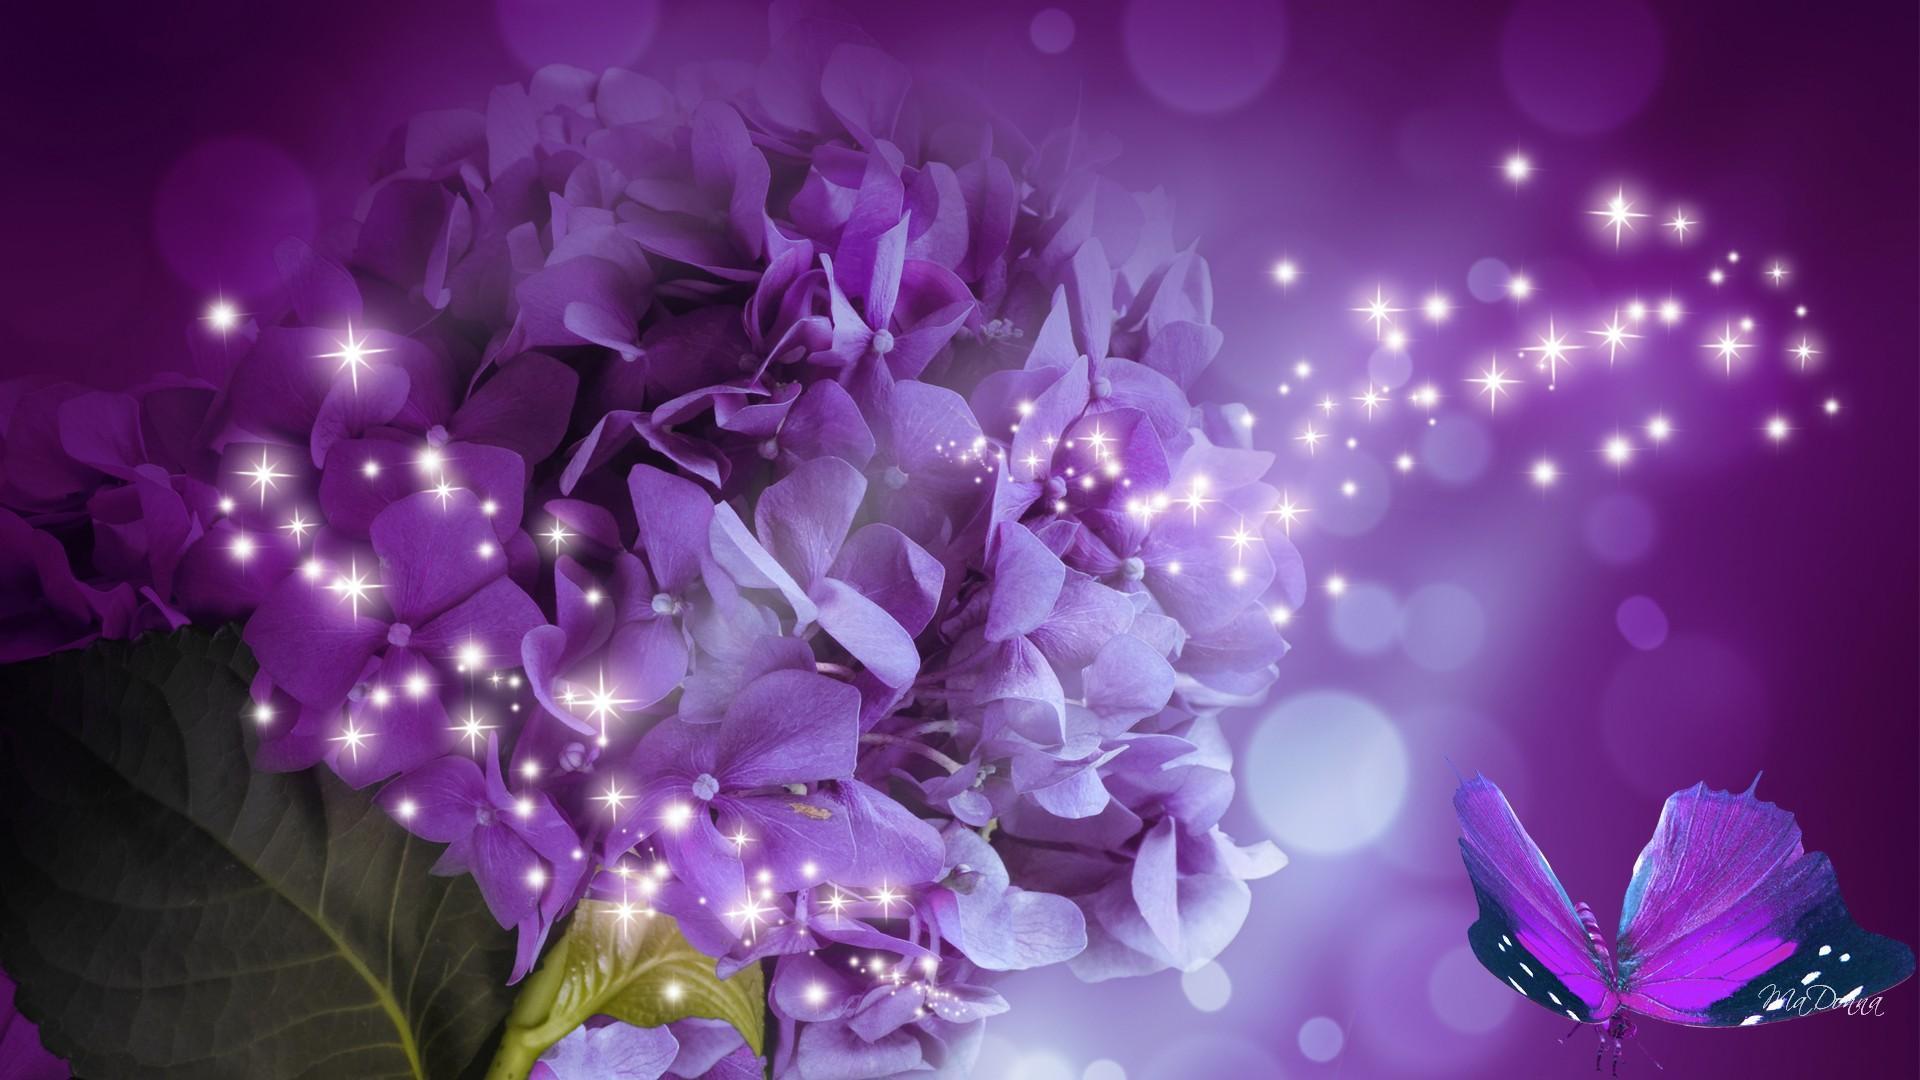 цветок фиолетовый  № 814263 загрузить